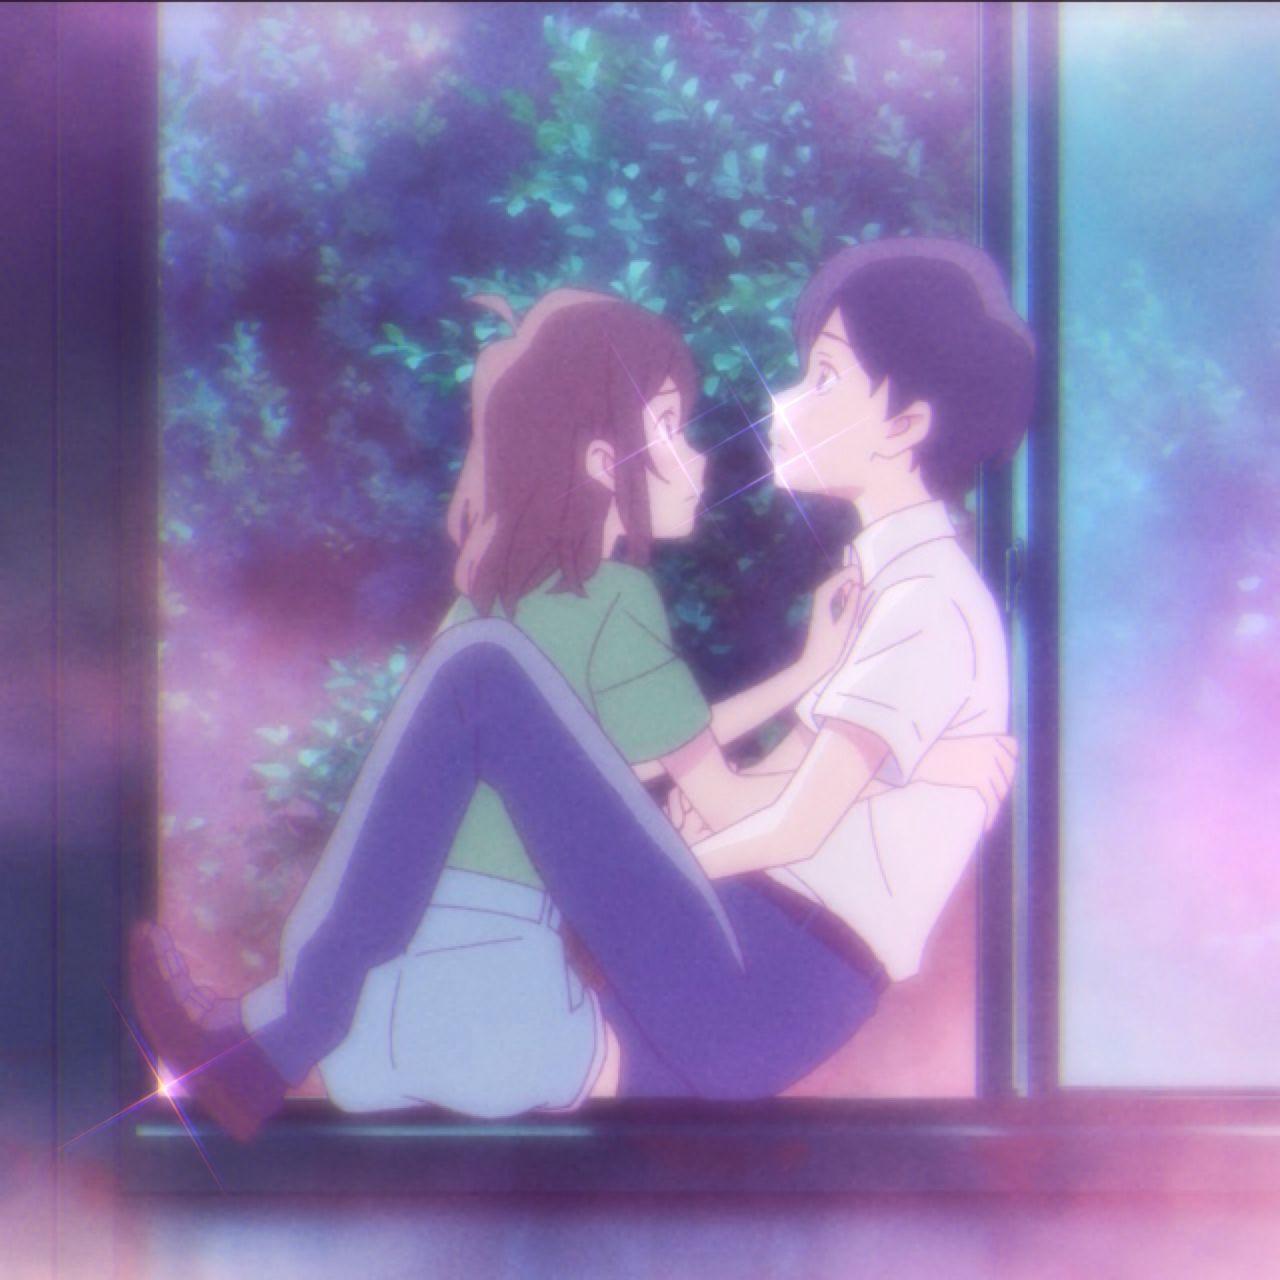 Pin on anime aesthetics ୧⋆。˚